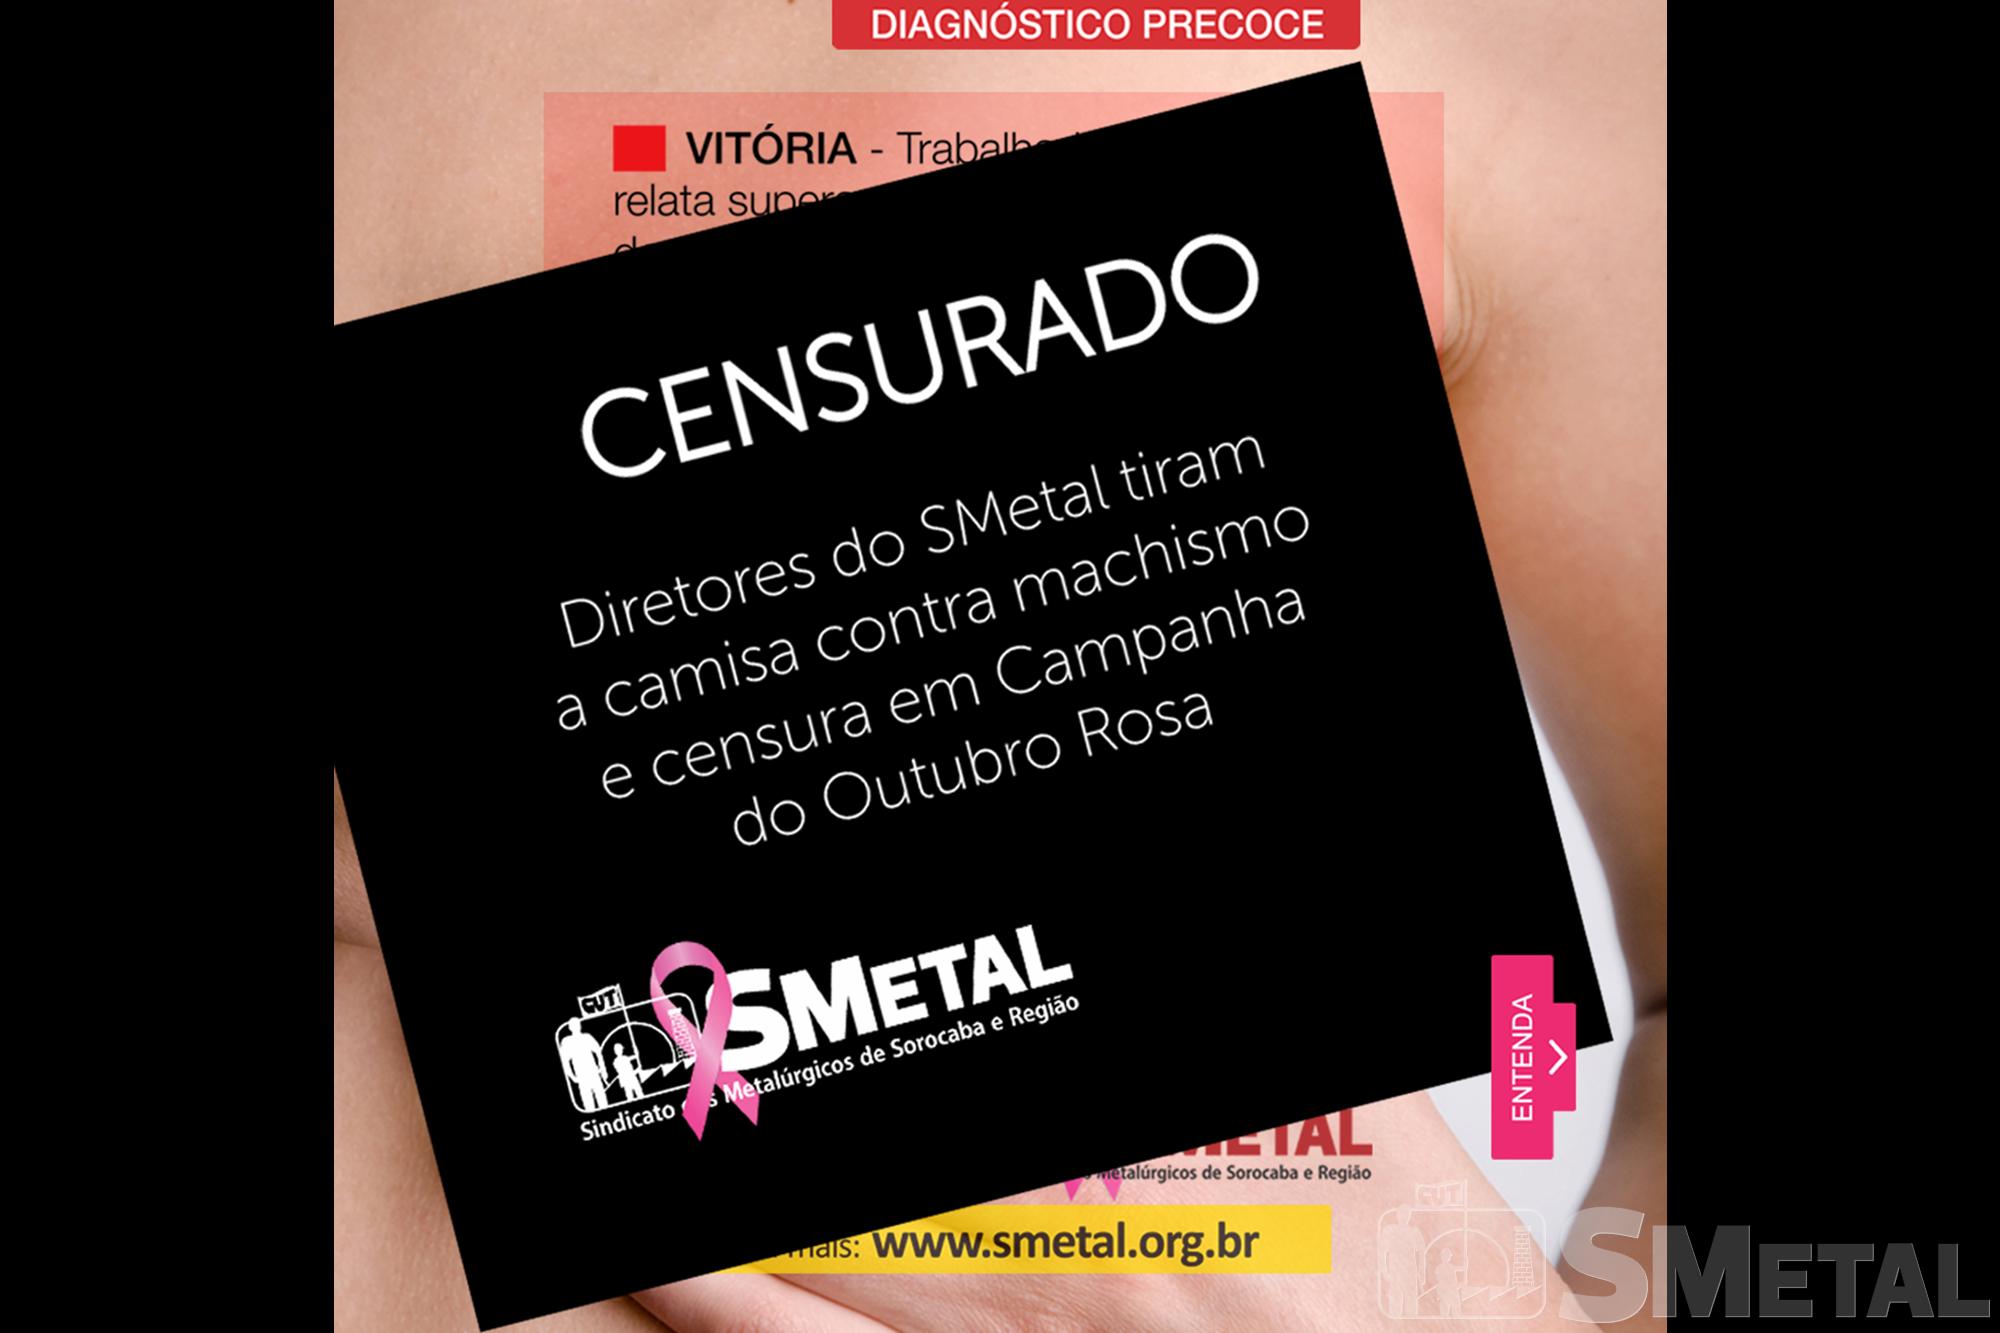 Outubro Rosa: diretores do SMetal protestam contra censura e machismo